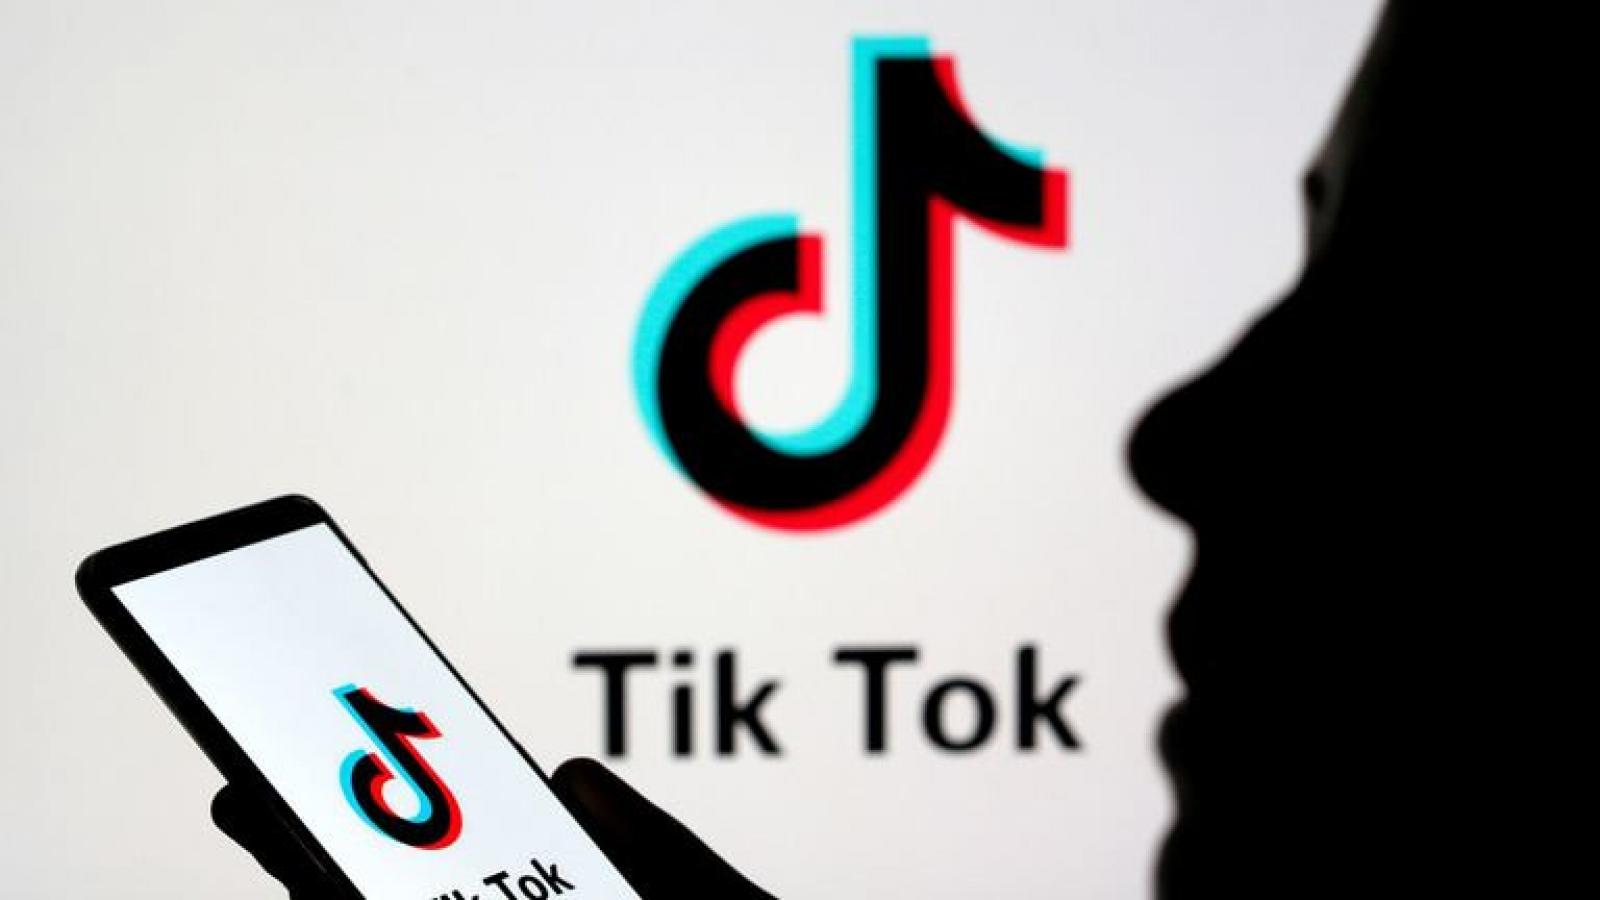 Mỹ cân nhắc cấm Tik Tok và các ứng dụng điện thoại của Trung Quốc